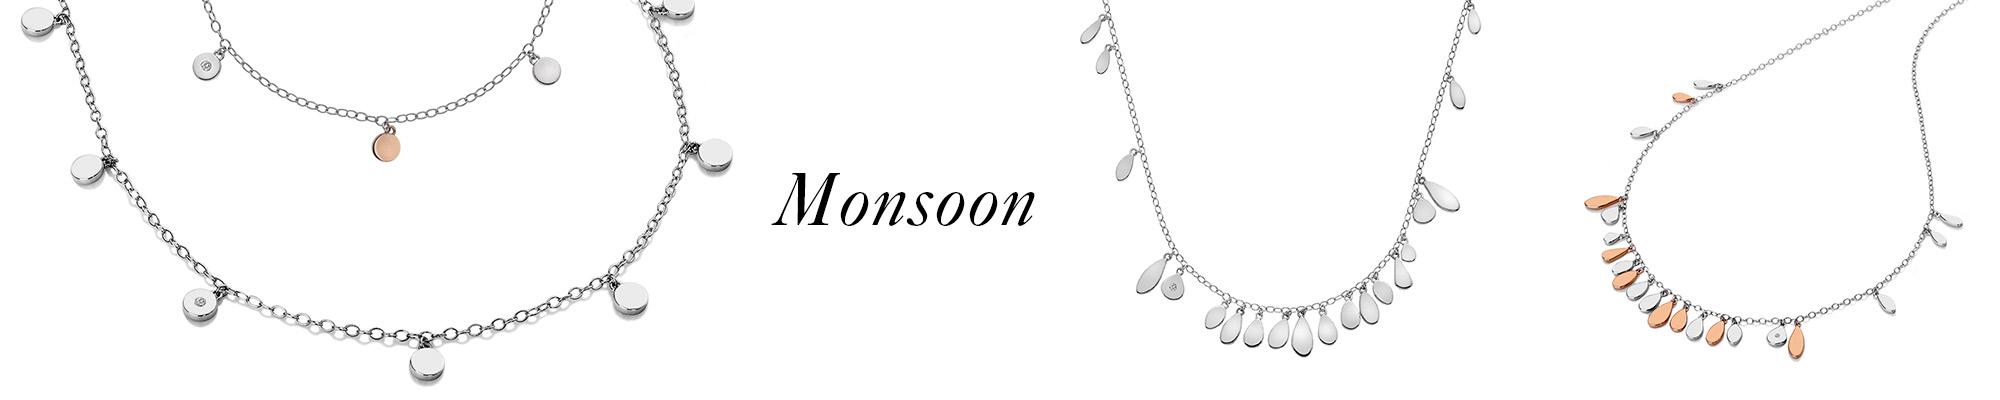 kolekce Monsoon